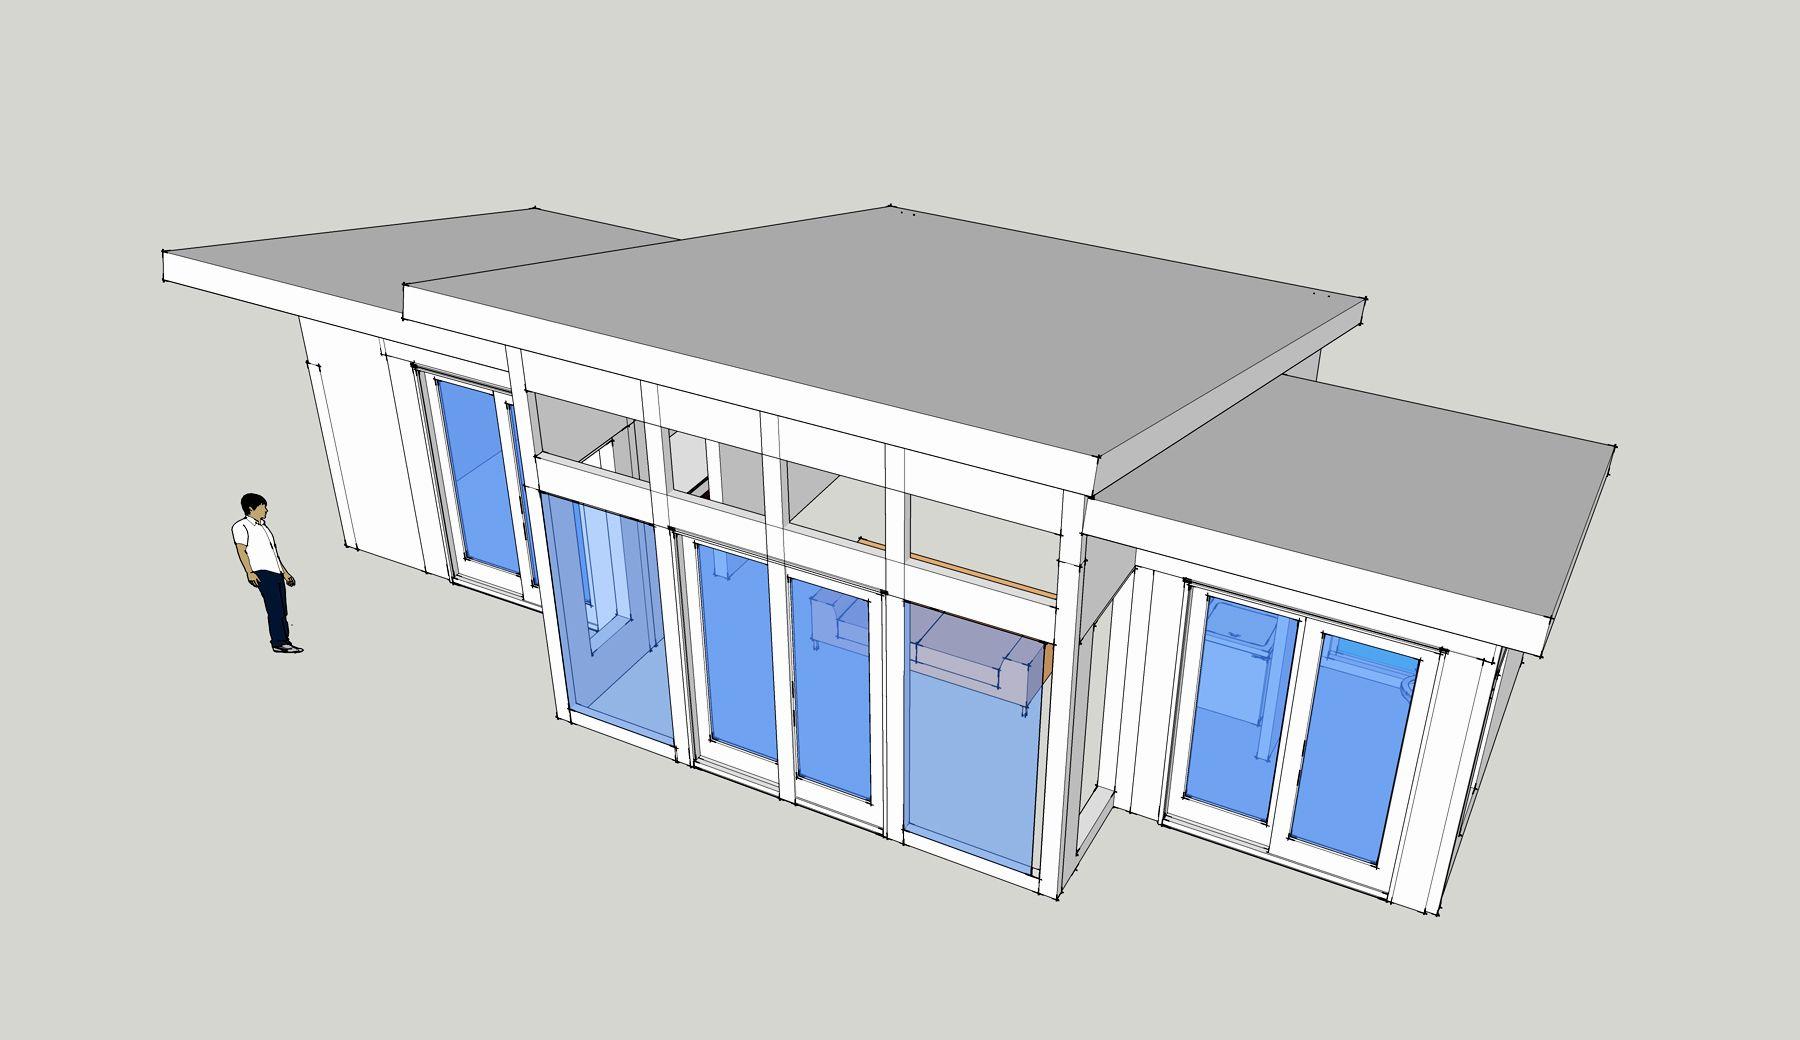 Single slope roof house plans strikingly design open kitchen floor plans for restaurants 11 17